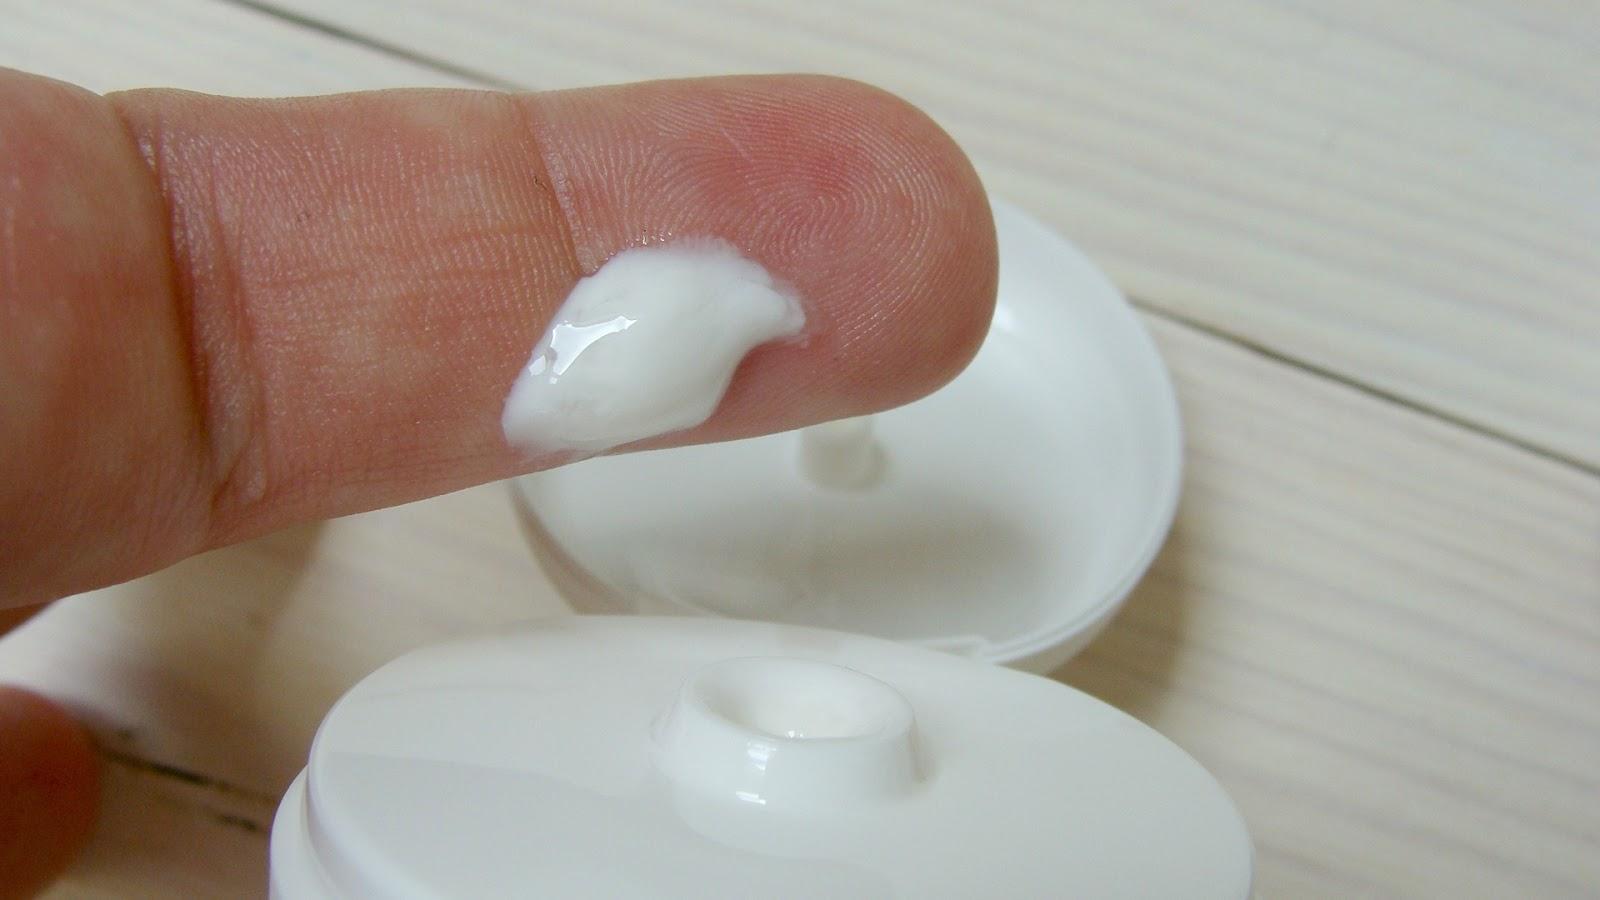 Szampon i odżywka BioIQ, kosmetyki naturalne